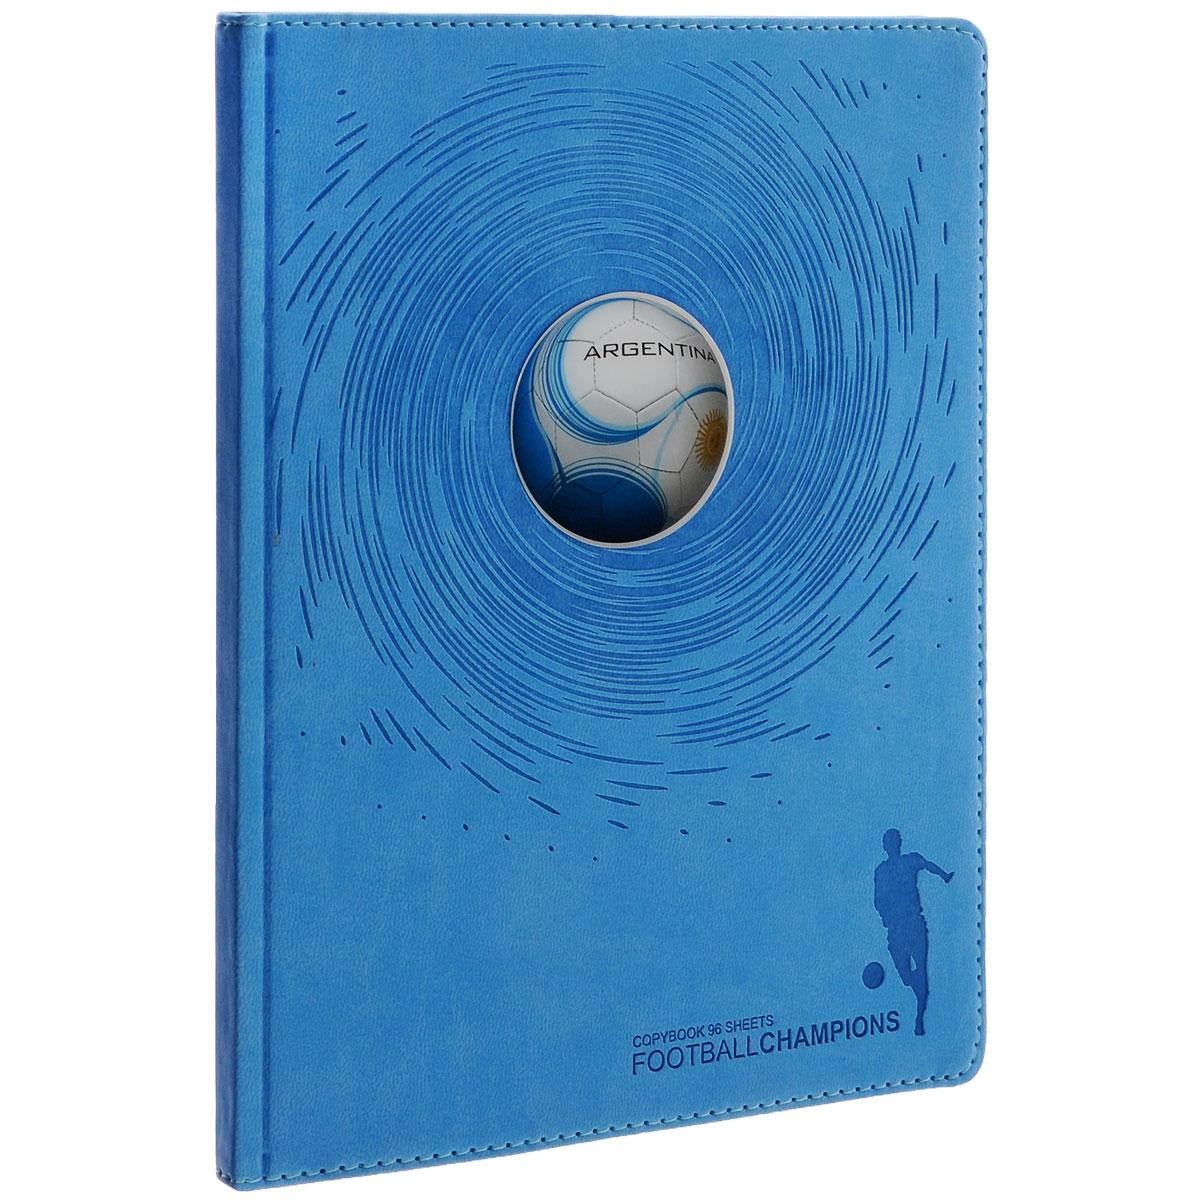 Тетрадь Альт Футбольный мяч. Аргентина, 96 листов, формат А5+, цвет: голубой7-96-877